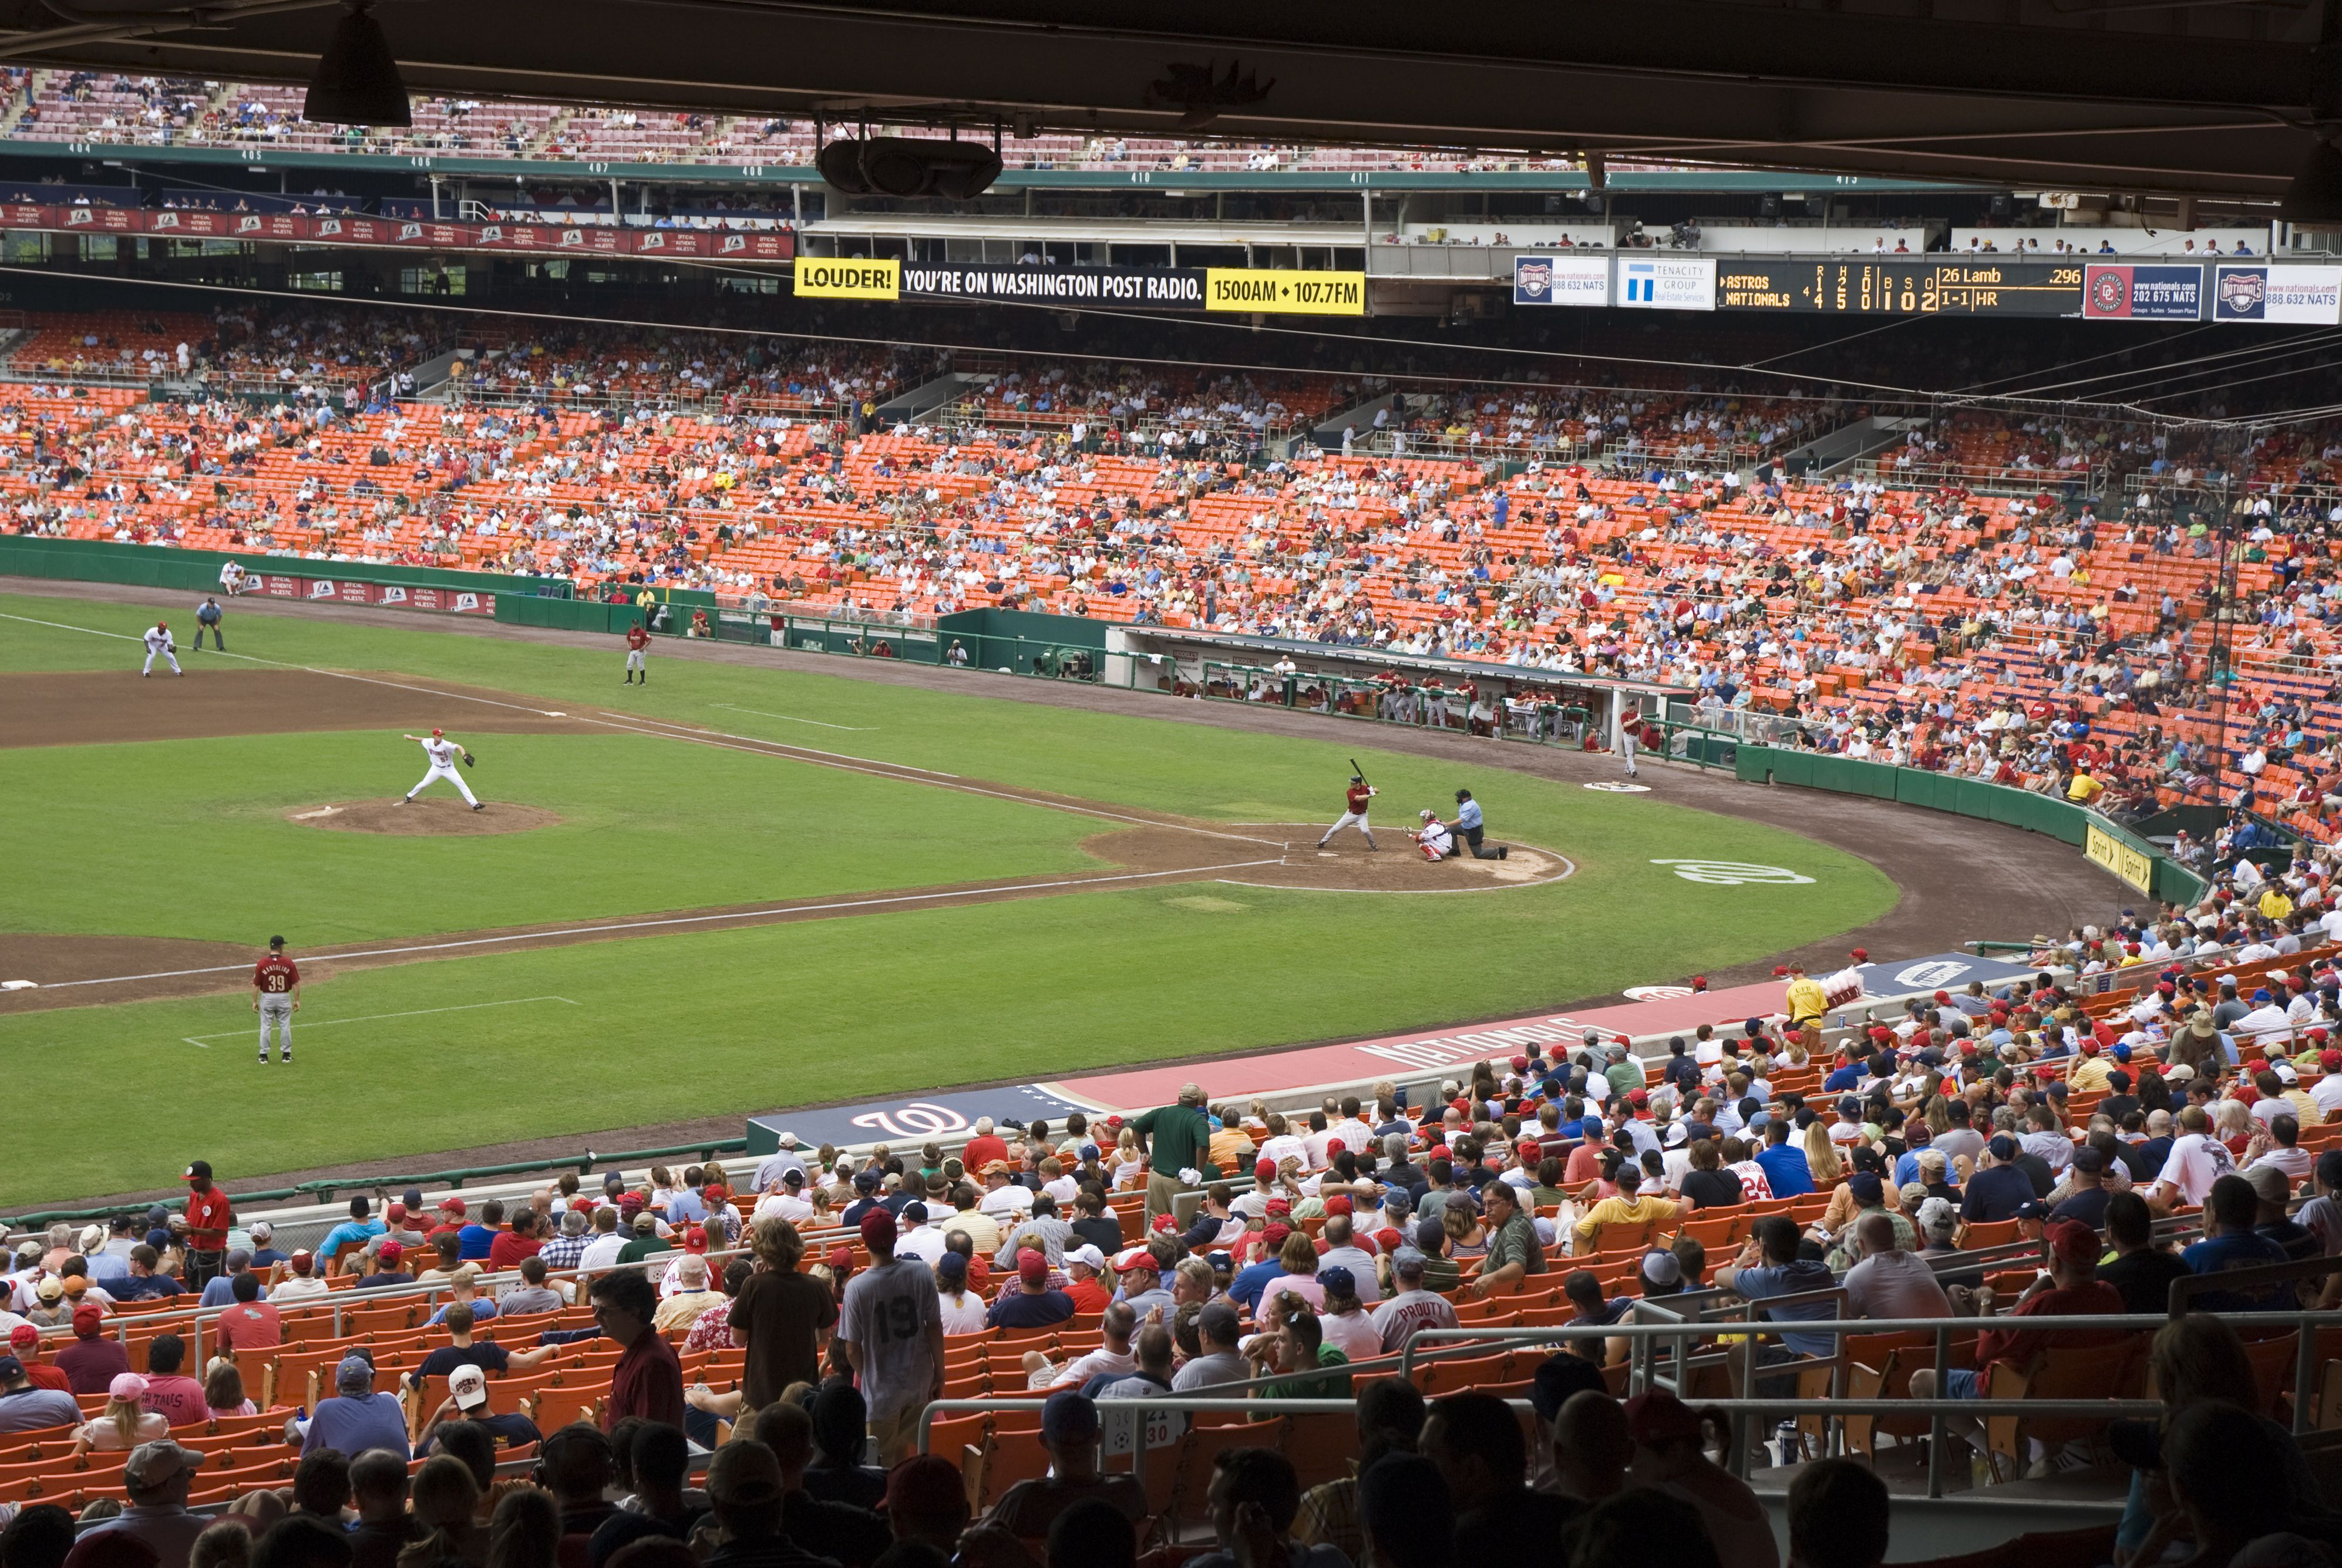 Washington Nationals baseball team playing at Nationals Park baseball stadium